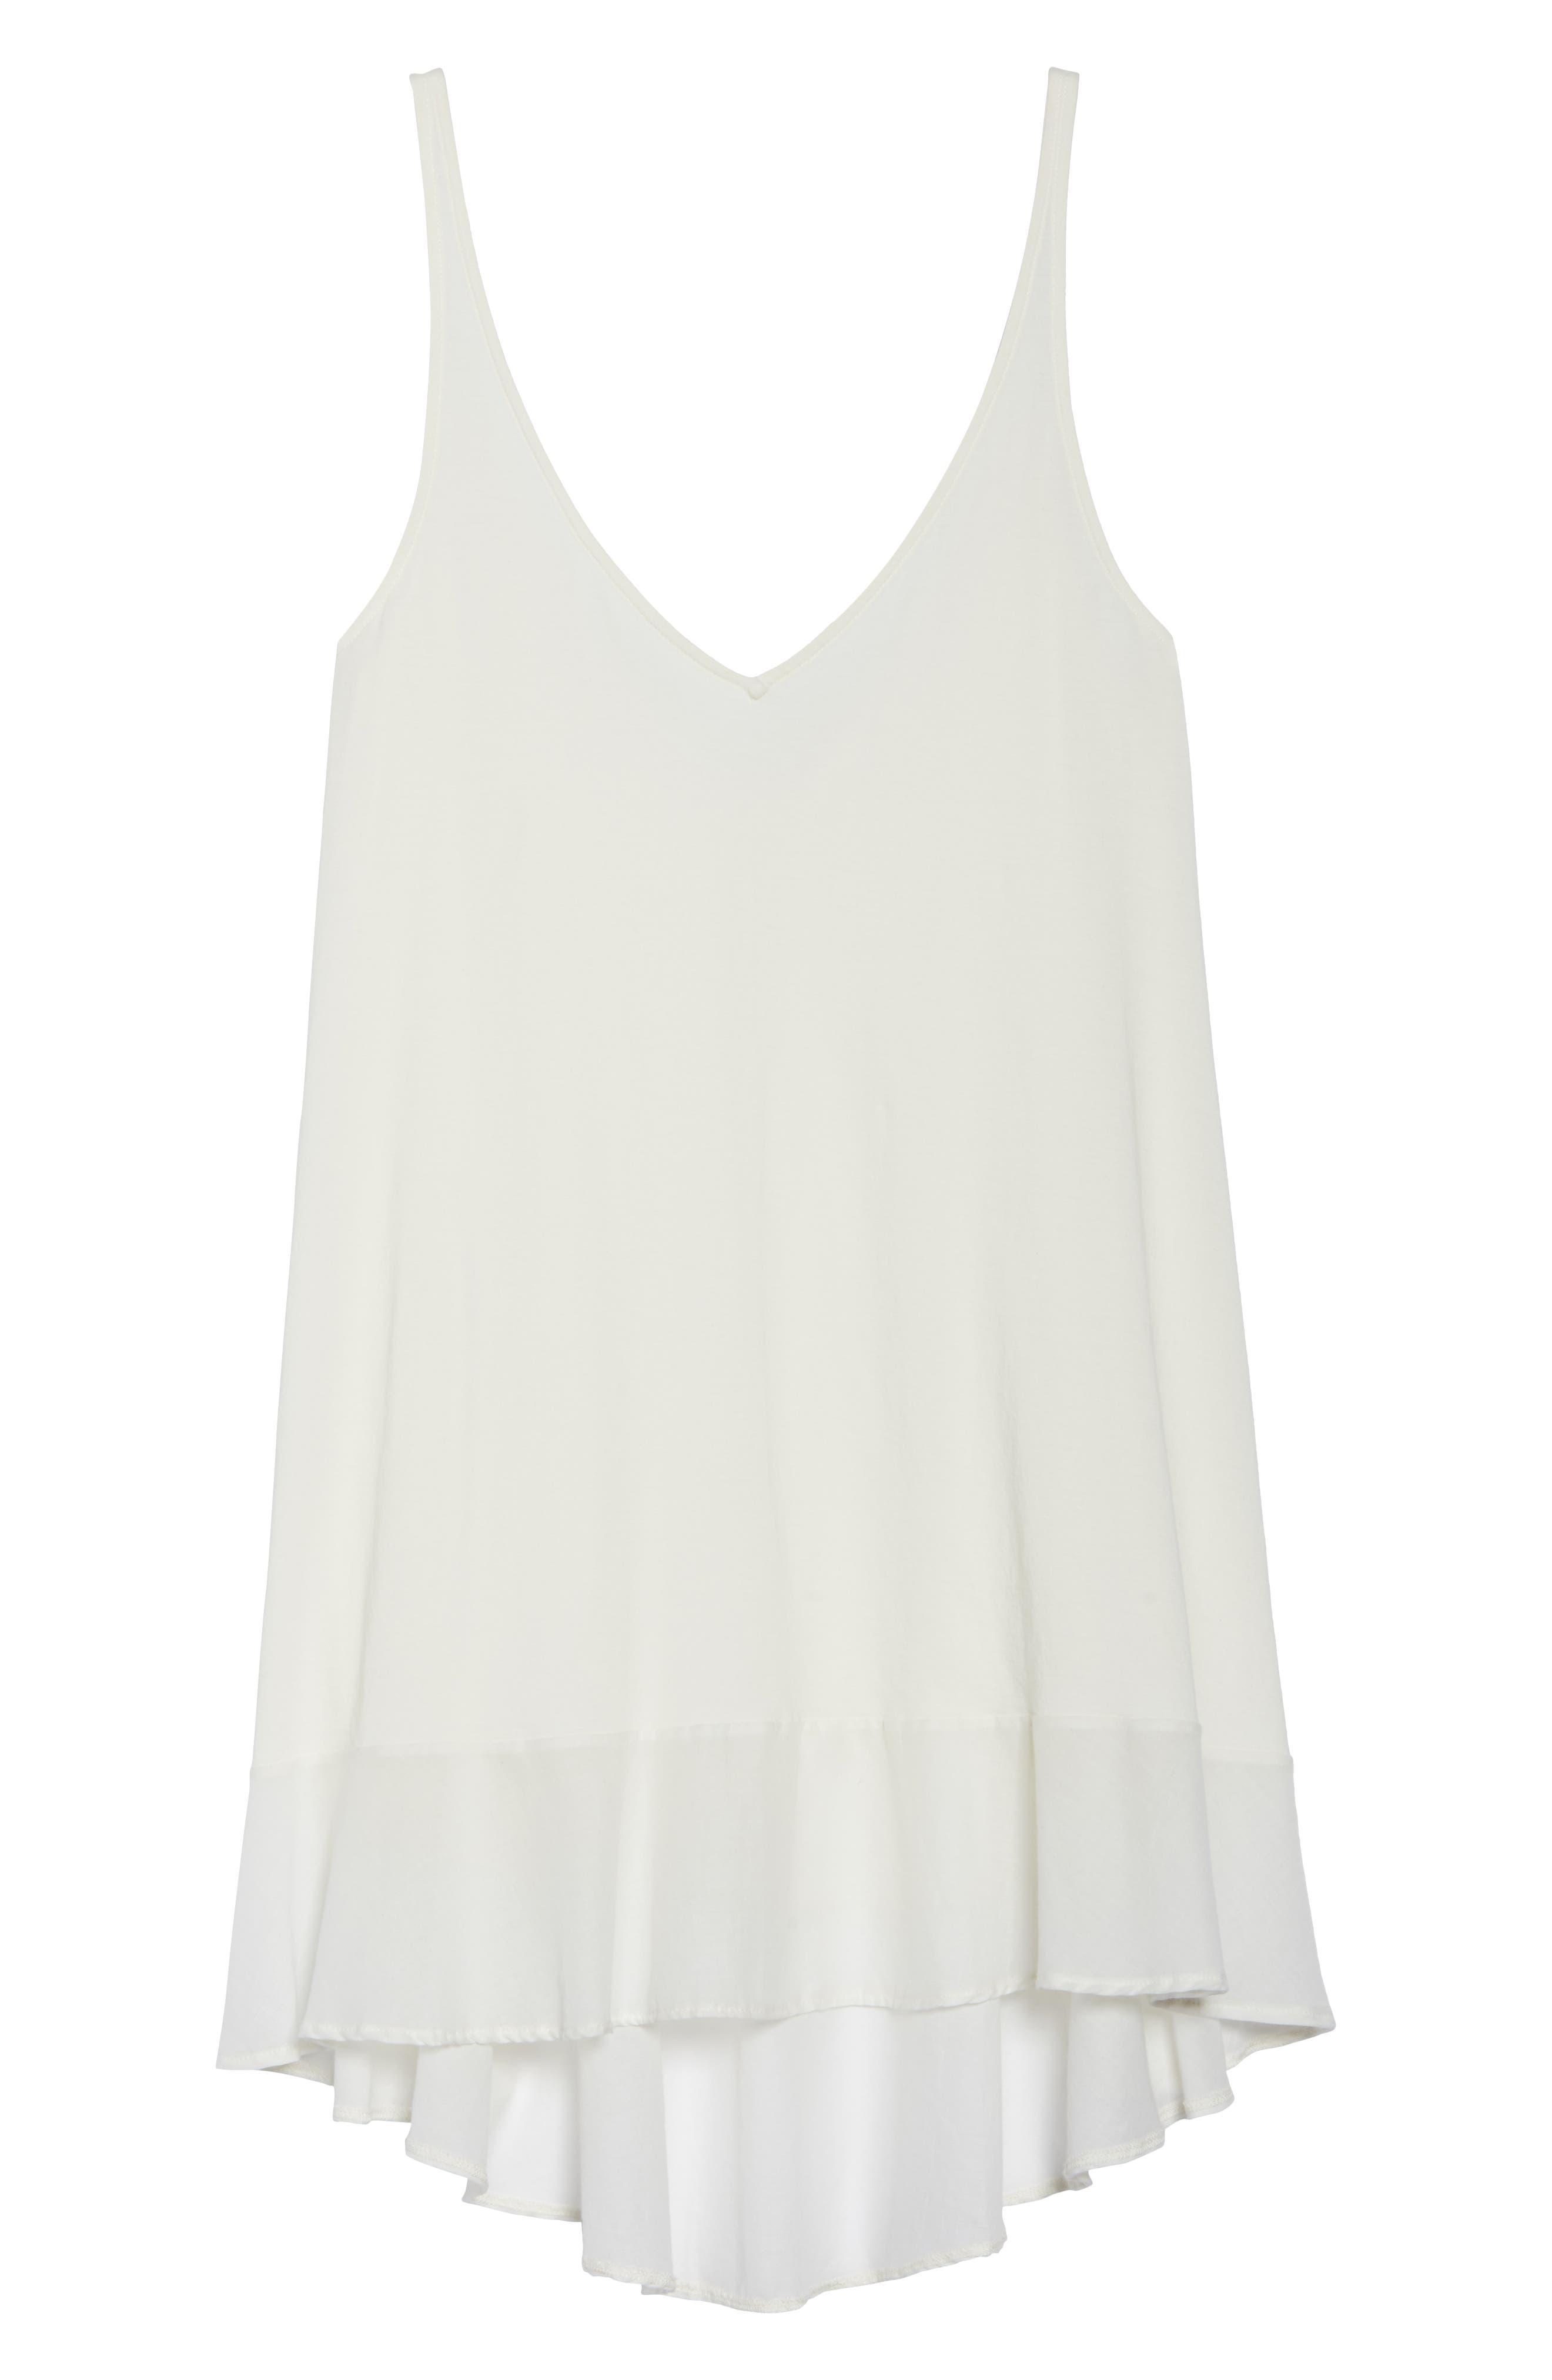 Bettina Pima Cotton Voile Nightgown,                             Alternate thumbnail 6, color,                             Gardenia